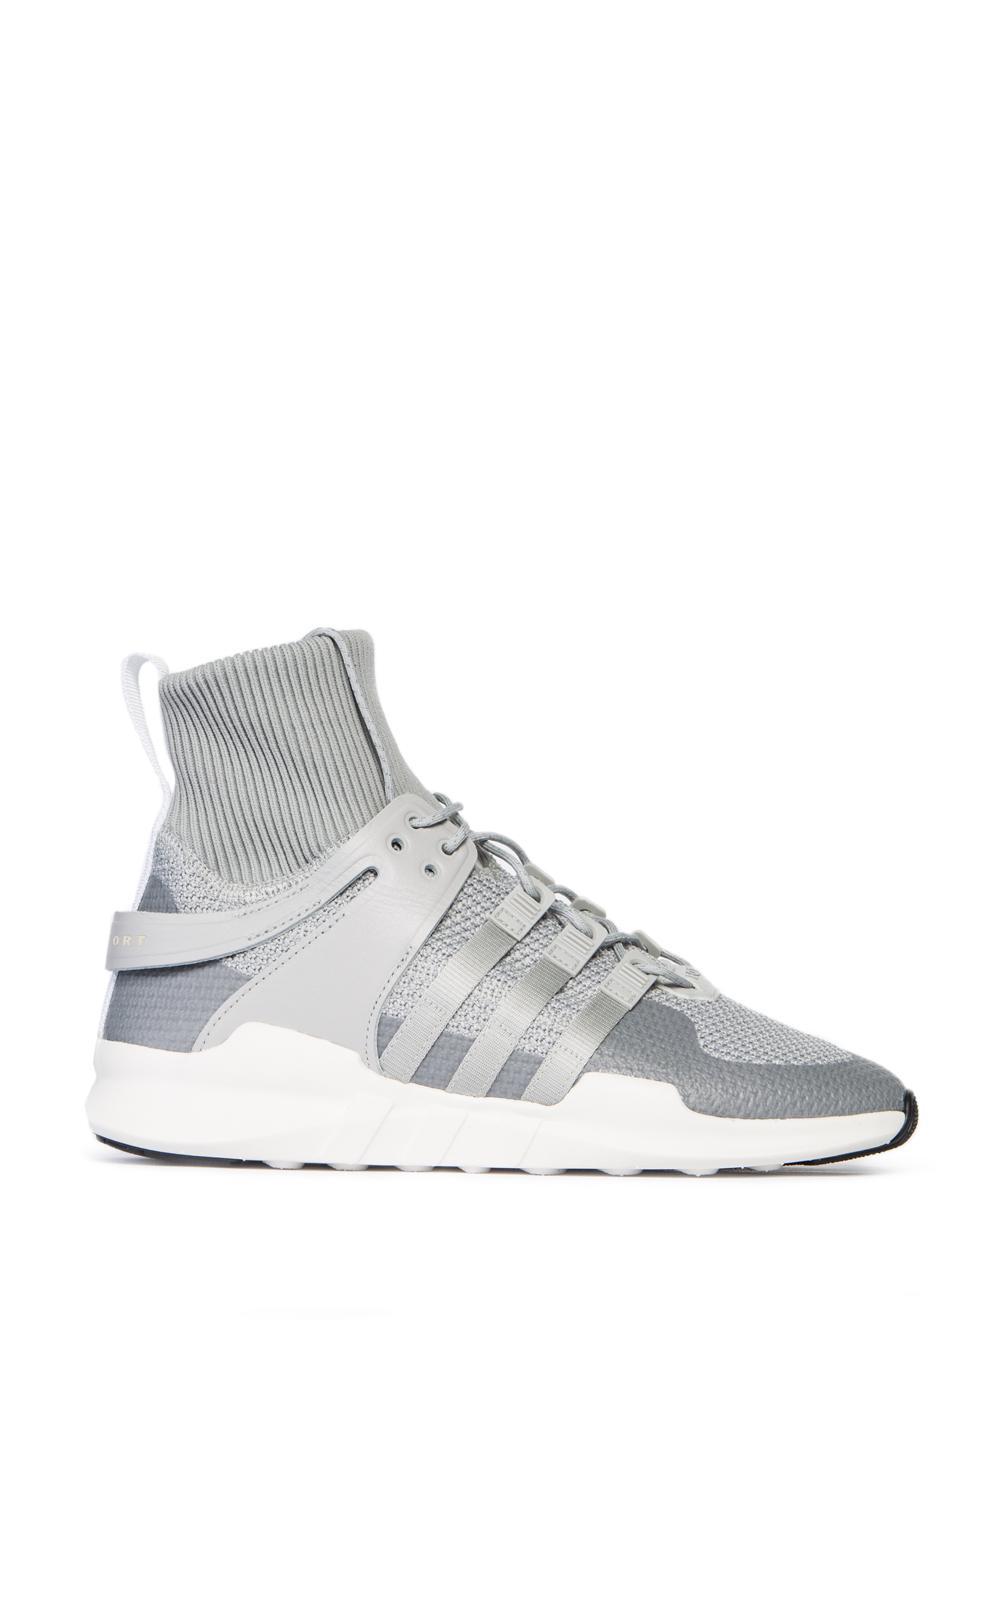 Lyst In Adidas Originali Eqt Appoggio Avanzata Invernale Grey In Lyst Grigio Per Gli Uomini. 00ad7b